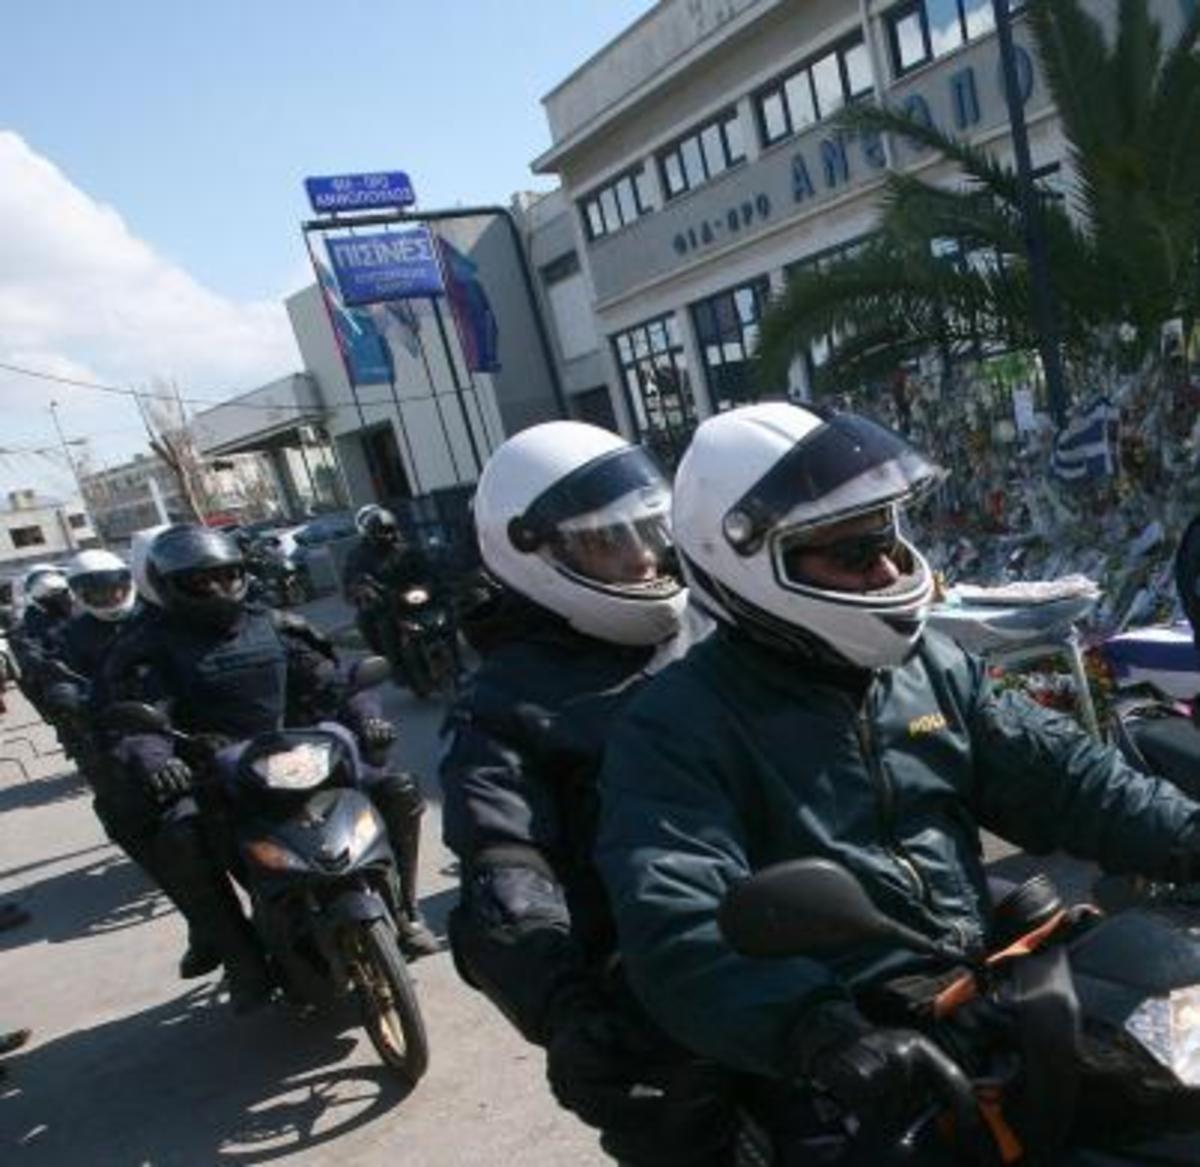 Έβγαλαν όπλα στη μέση του δρόμου | Newsit.gr